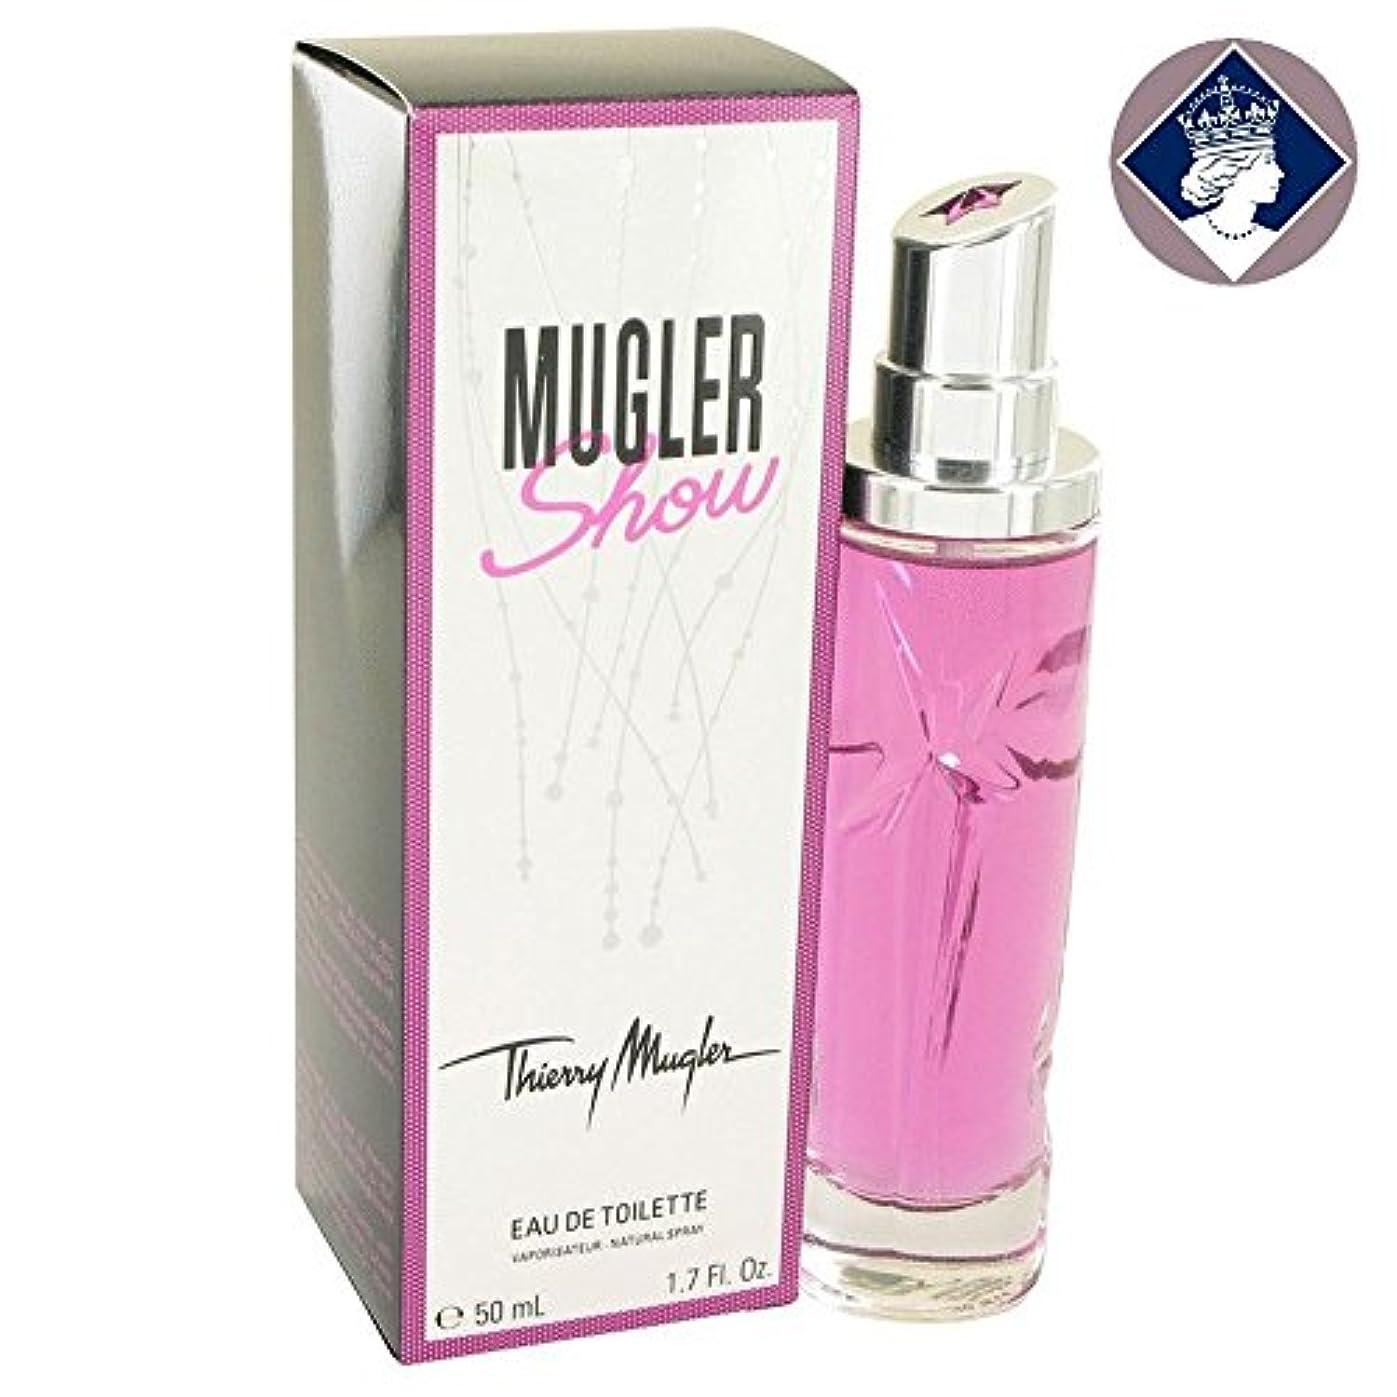 ヤギ抑圧吹きさらしThierry Mugler Show 50ml/1.7oz Eau De Toilette Spray Perfume Fragrance for Women